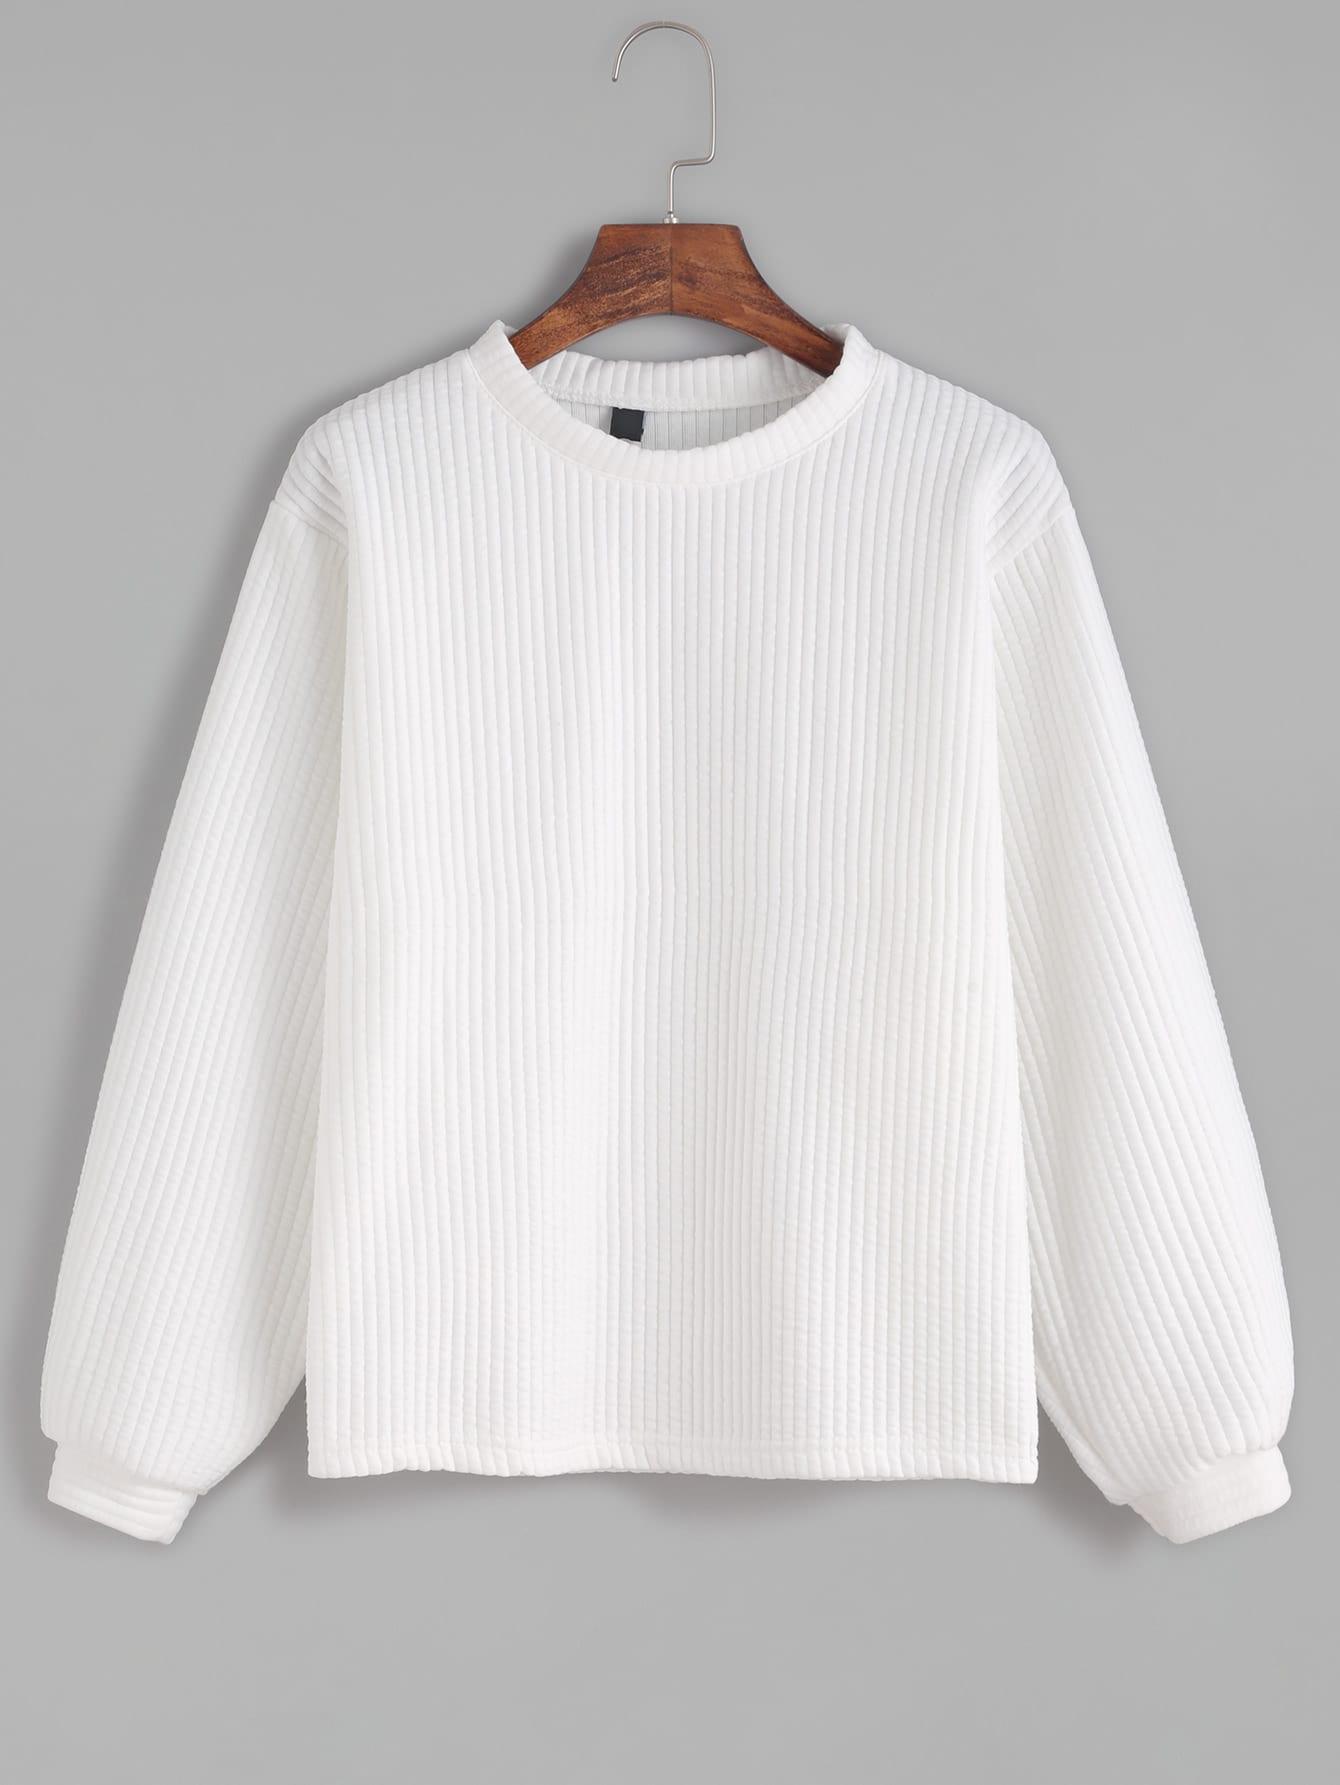 sweatshirt160927103_2